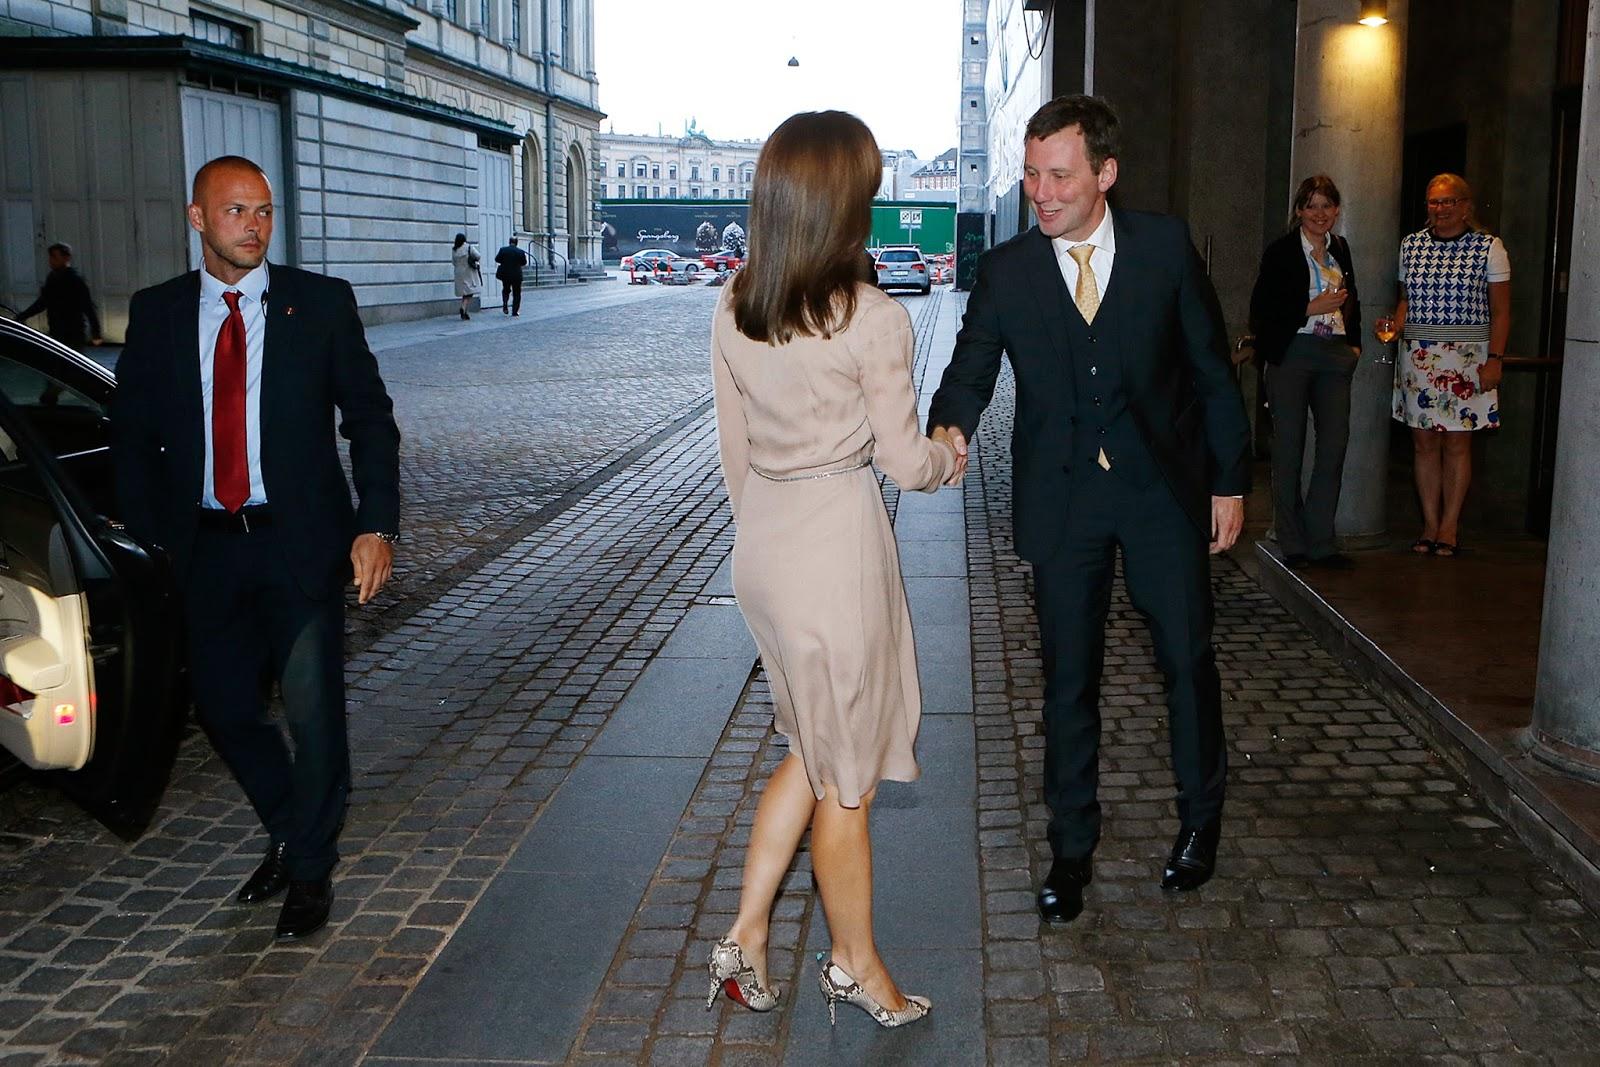 La semaine derniere nous nous souvenons que la princesse héritiere Mary avait assisté à une réunion de l'OMS à Copenhague. Mary est la marraine de l'OMS au Danemark.